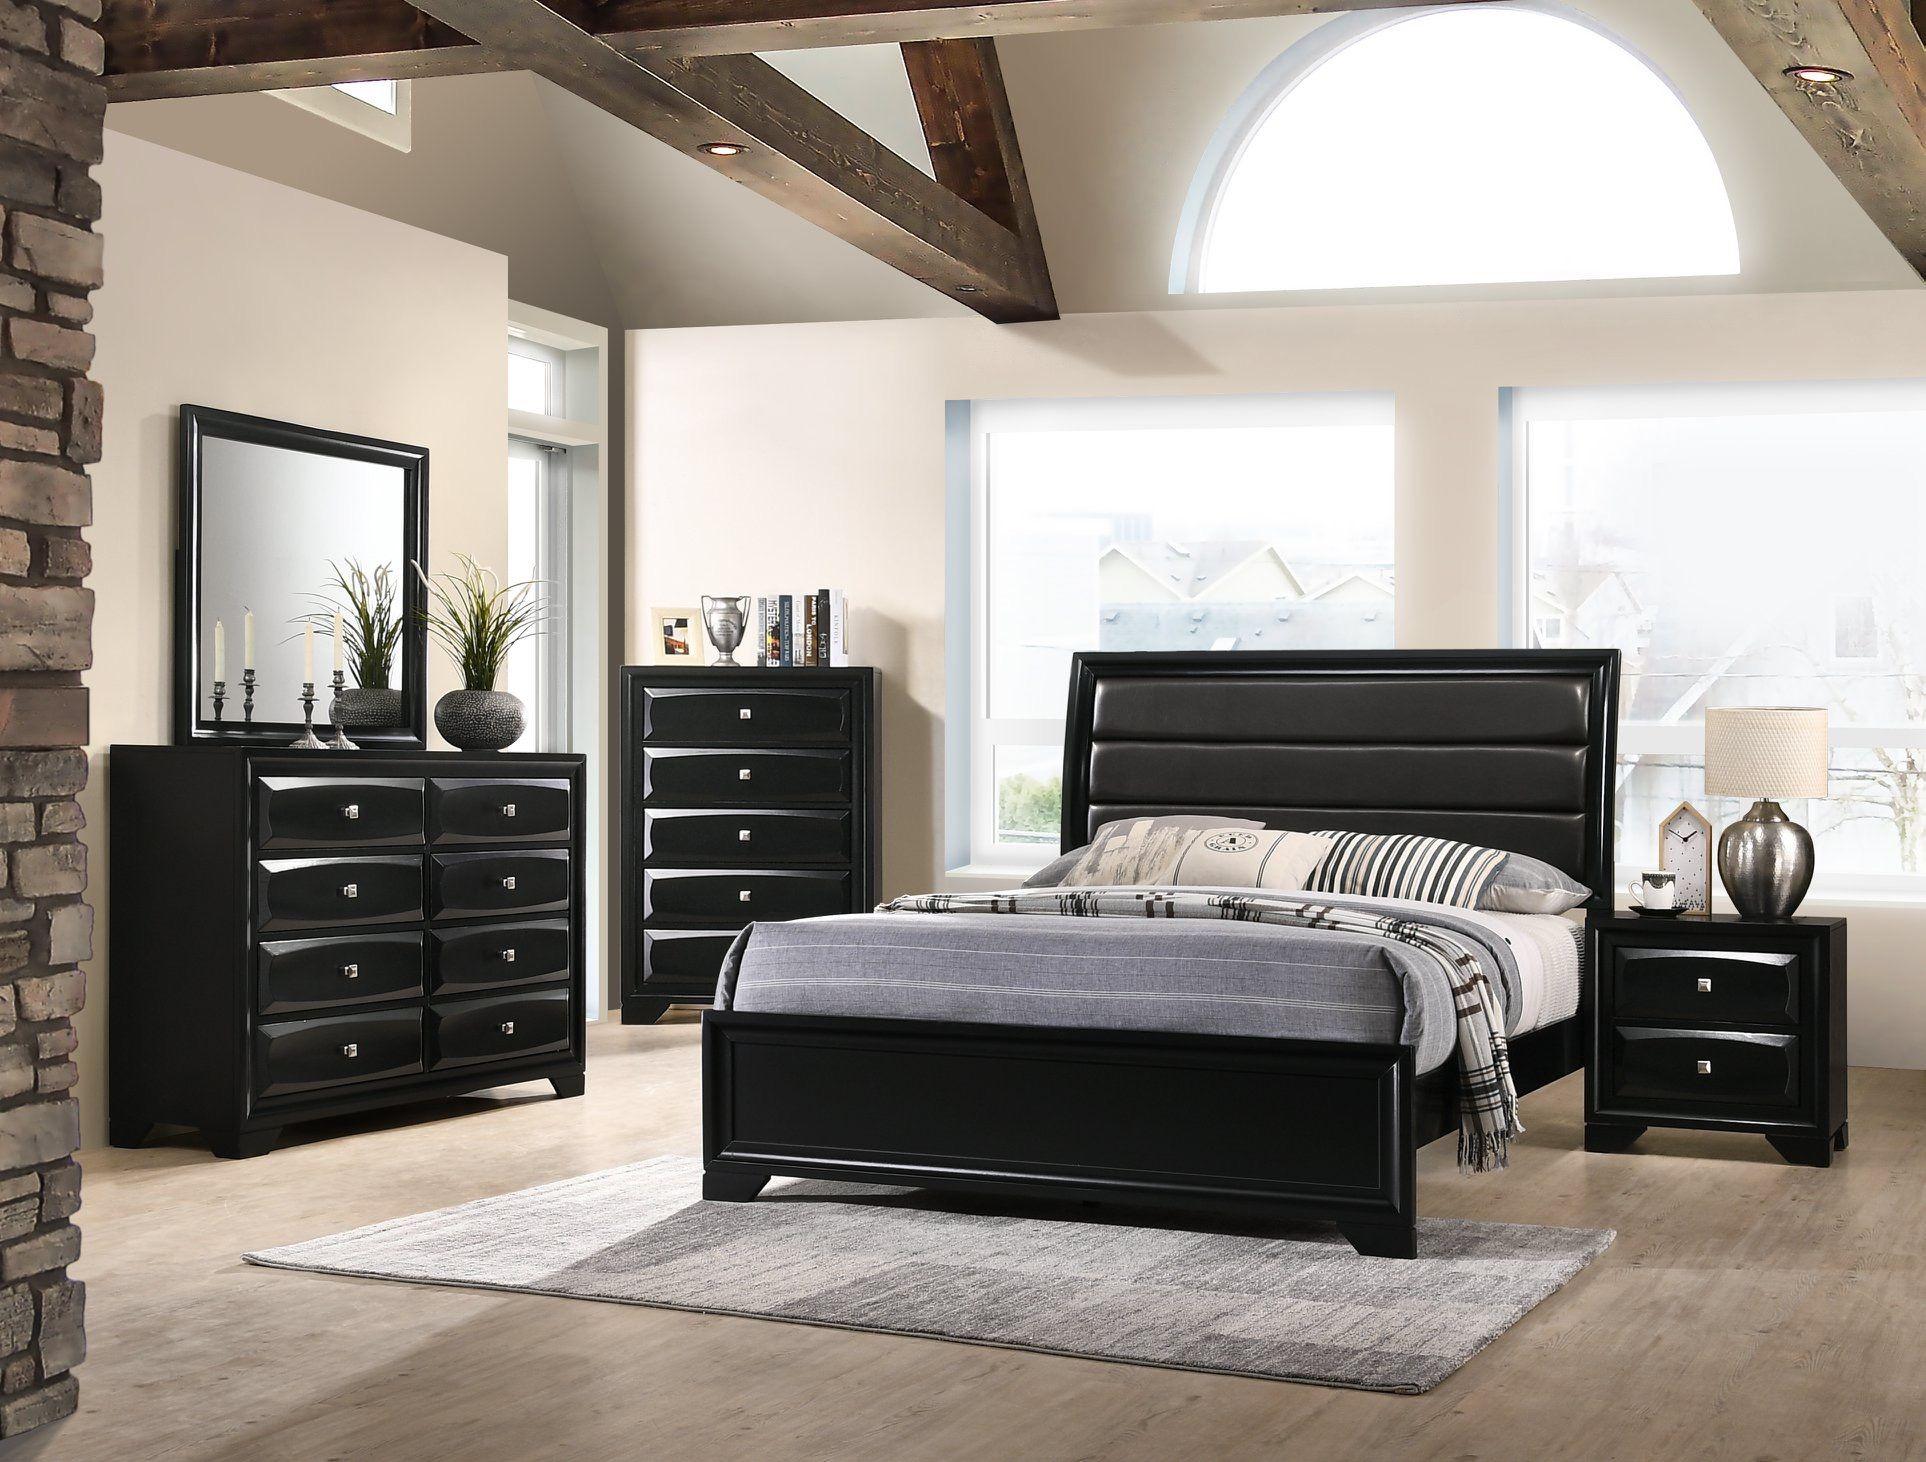 Pin by B on Homeeee Bedroom set, Fine bedroom furniture